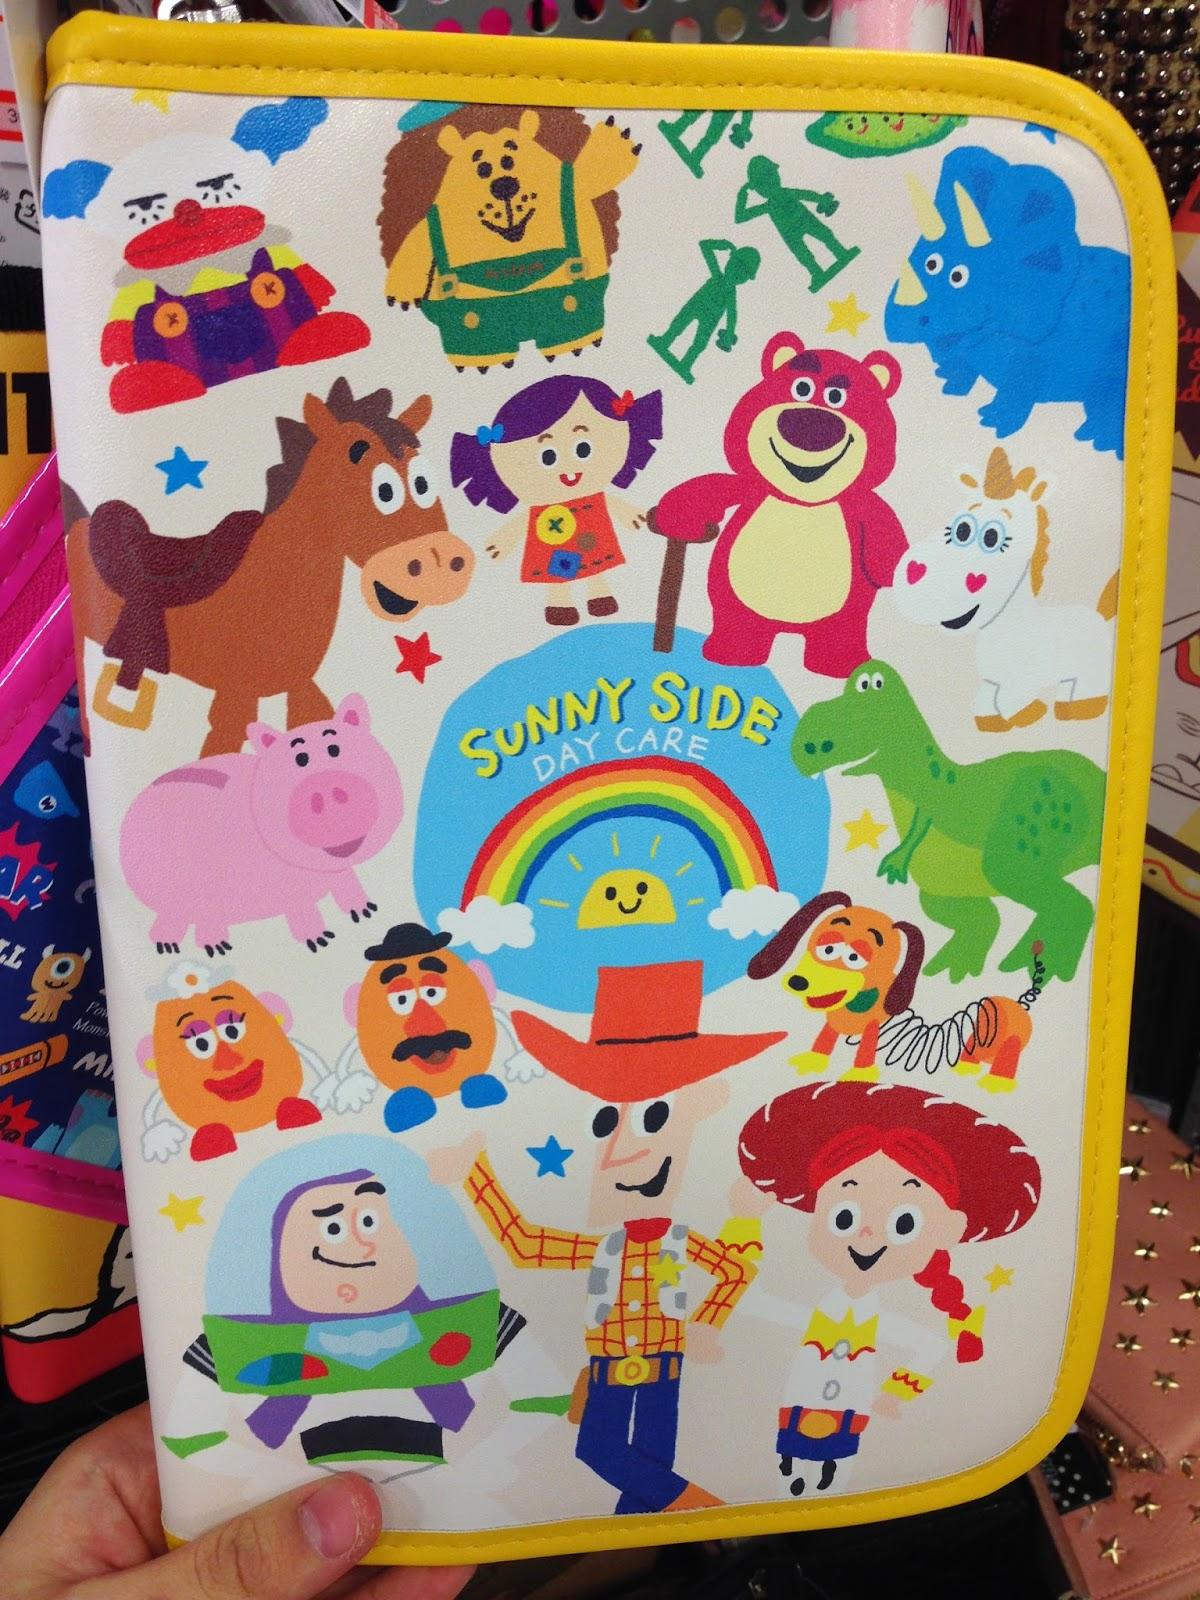 しまむらでディズニーフェア開催中!沢山のディズニー商品に大興奮